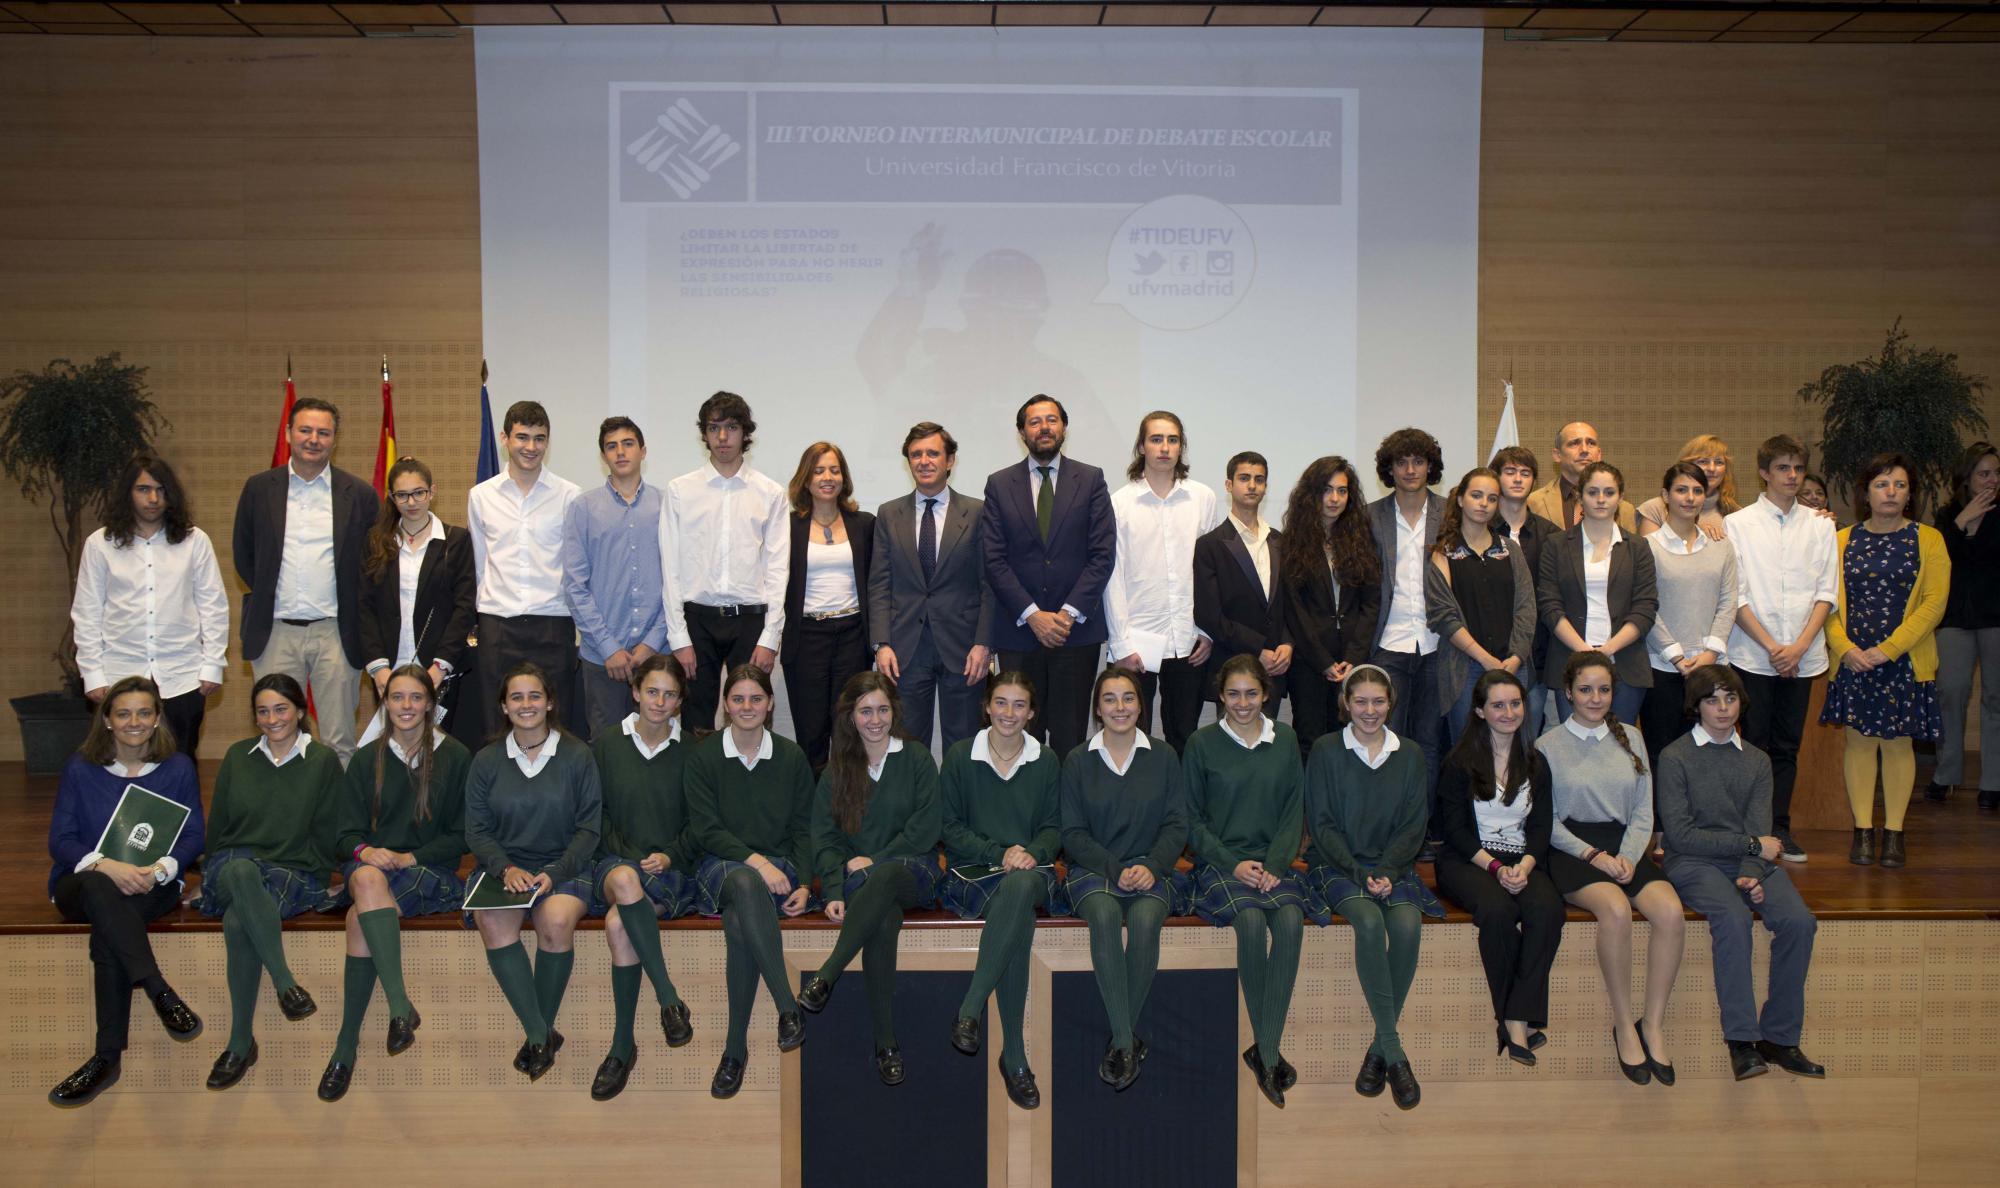 Arranca el III Torneo Intermunicipal de Debate Escolar con participación de alumnos de Las Rozas